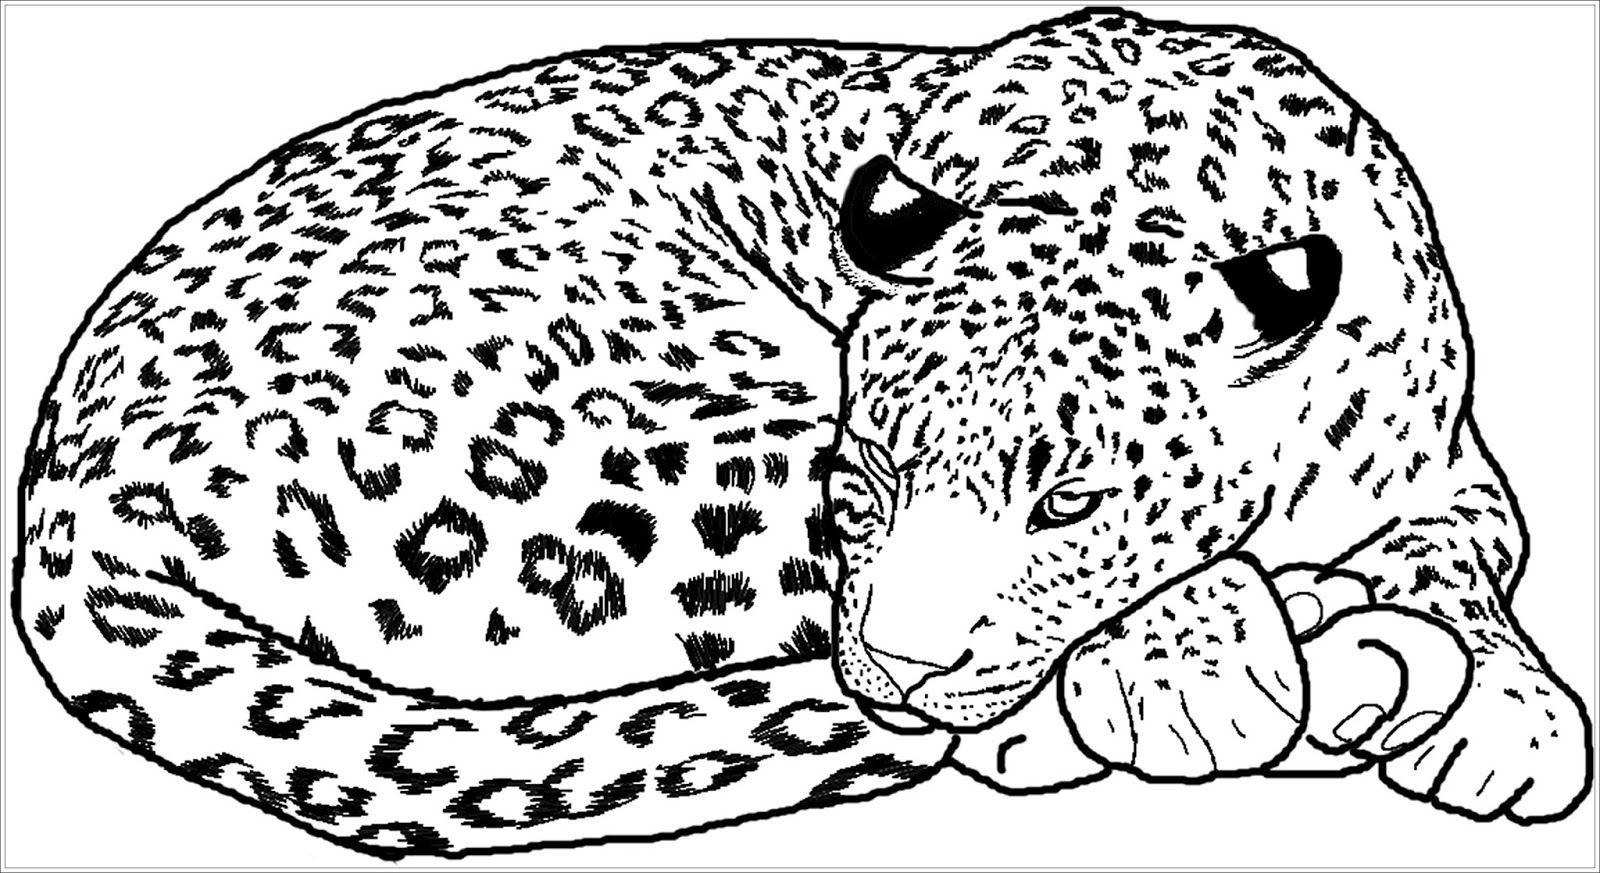 Raubkatzen Malvorlagen In 2020 Malvorlagen Malvorlagen Zum Ausdrucken Ausmalbilder Tiere